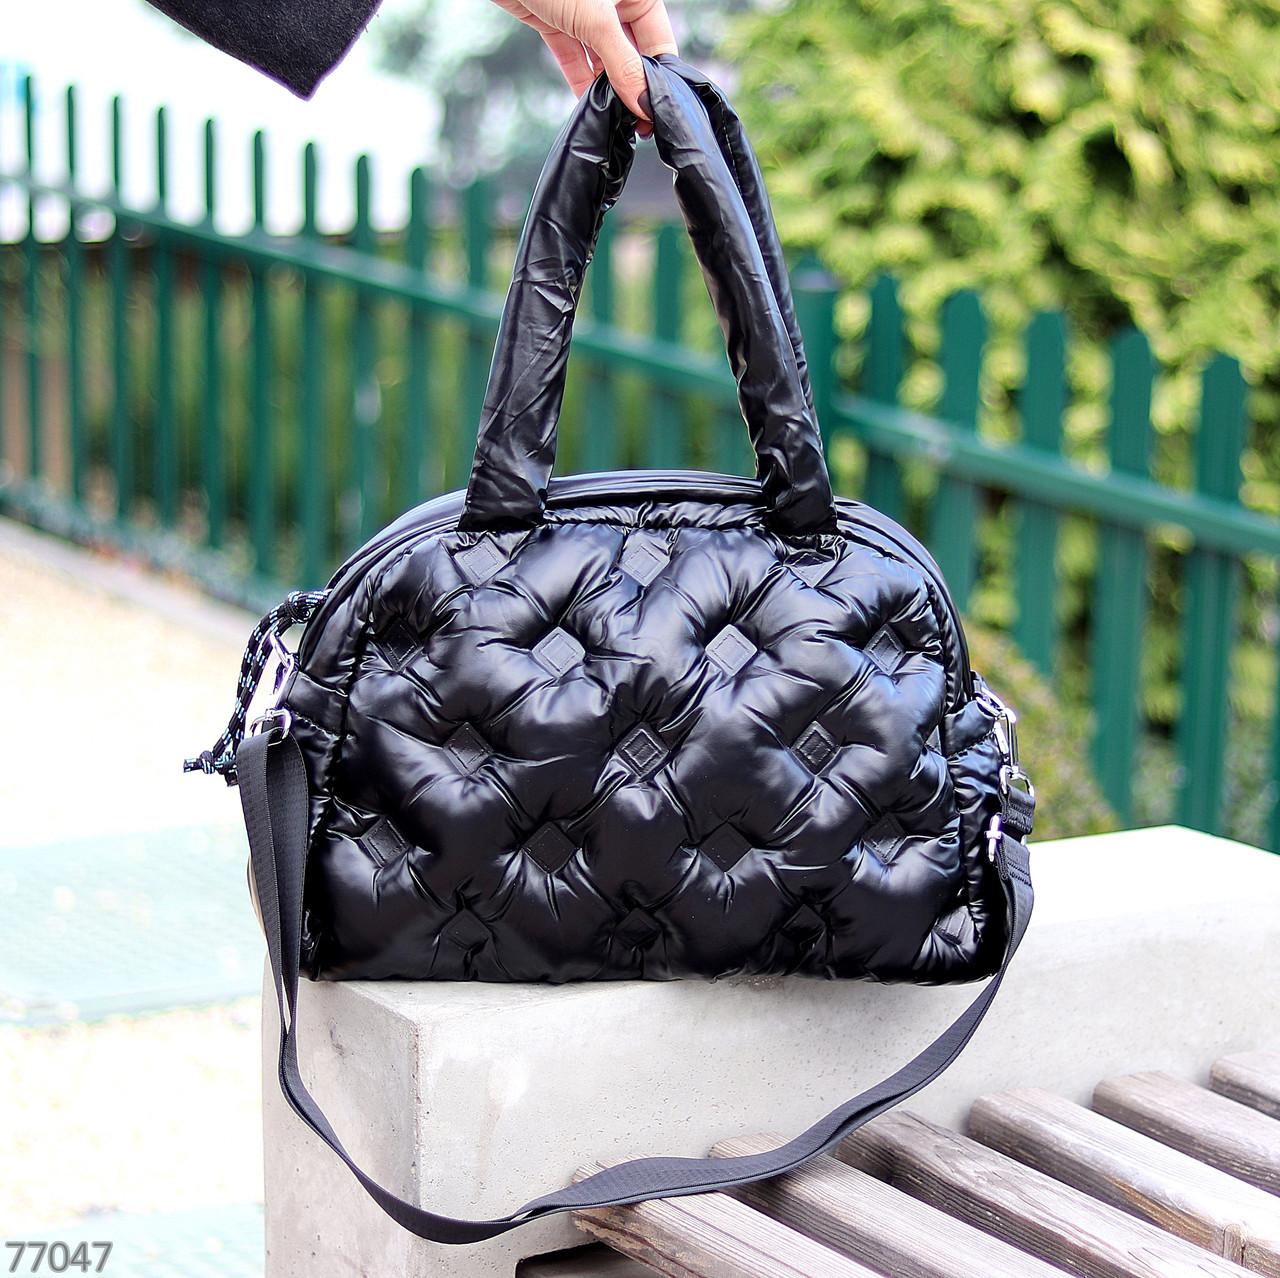 Легкая дутая женская черная текстильная тканевая сумка с ручками через плечо